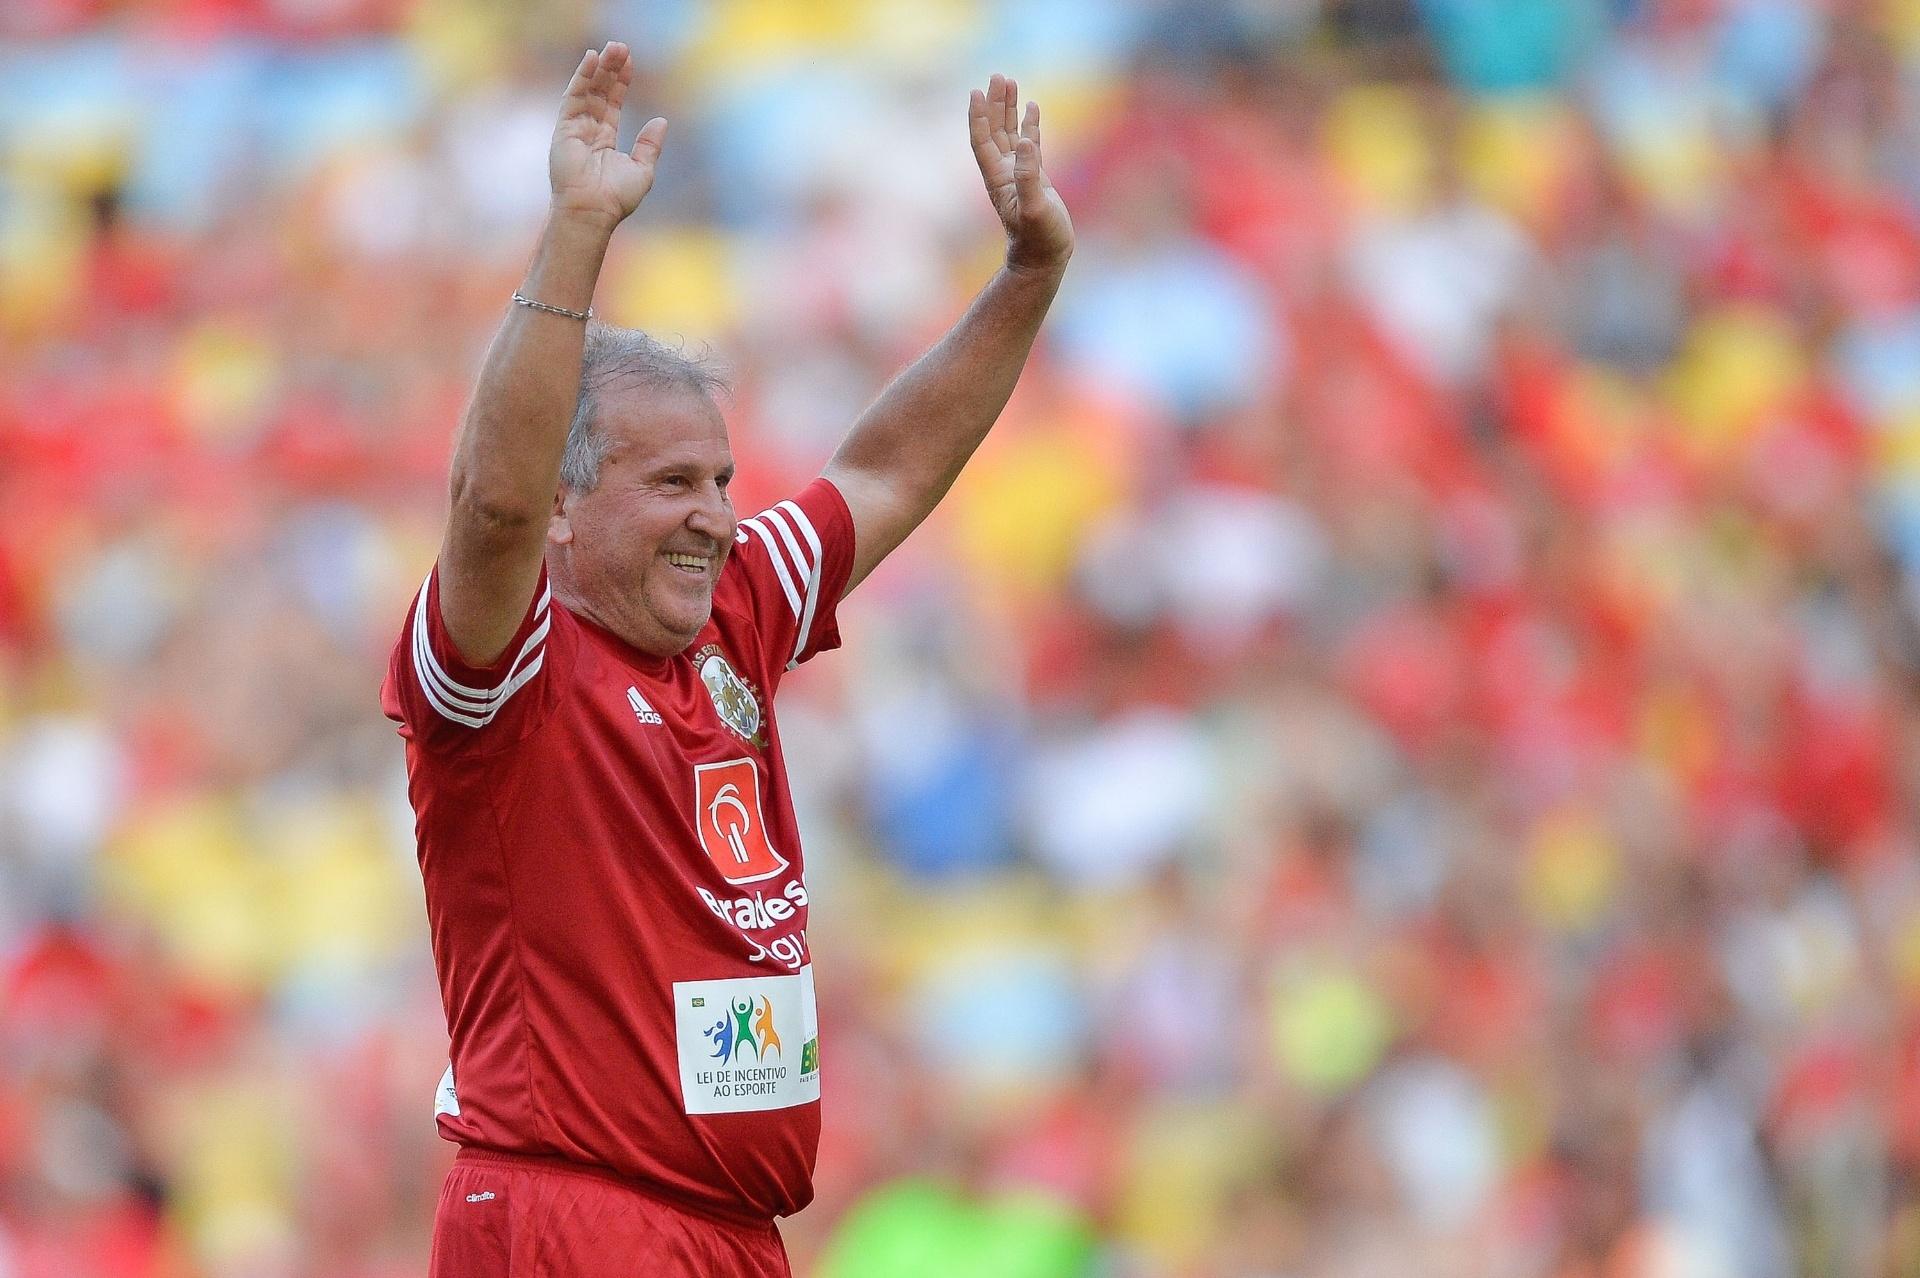 Zico acena para o público do Maracanã no Jogo das Estrelas 2014